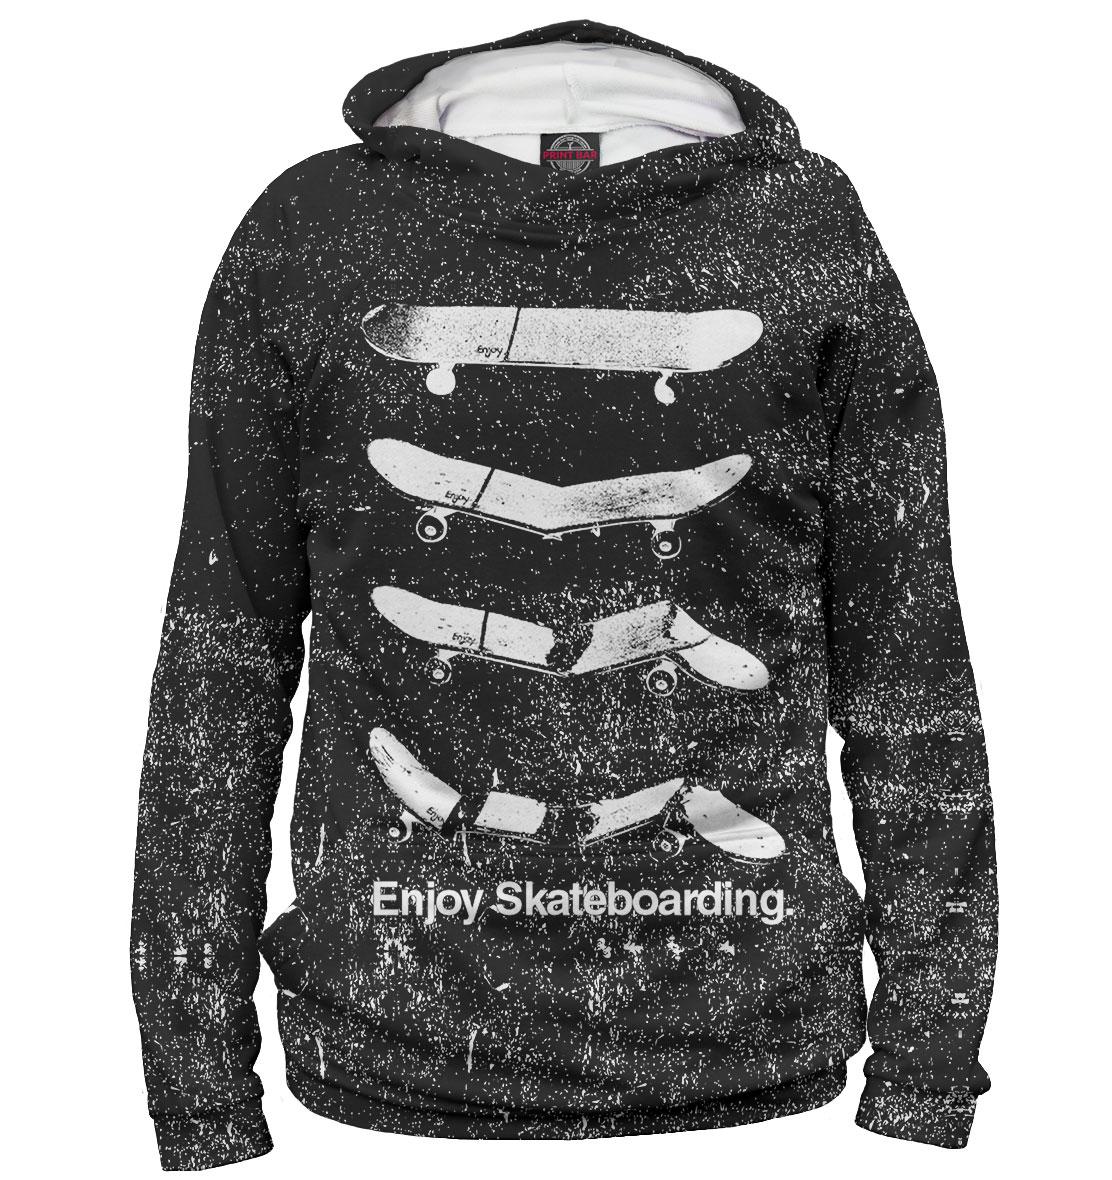 Купить Enjoy Skateboarding, Printbar, Худи, SKT-487005-hud-1